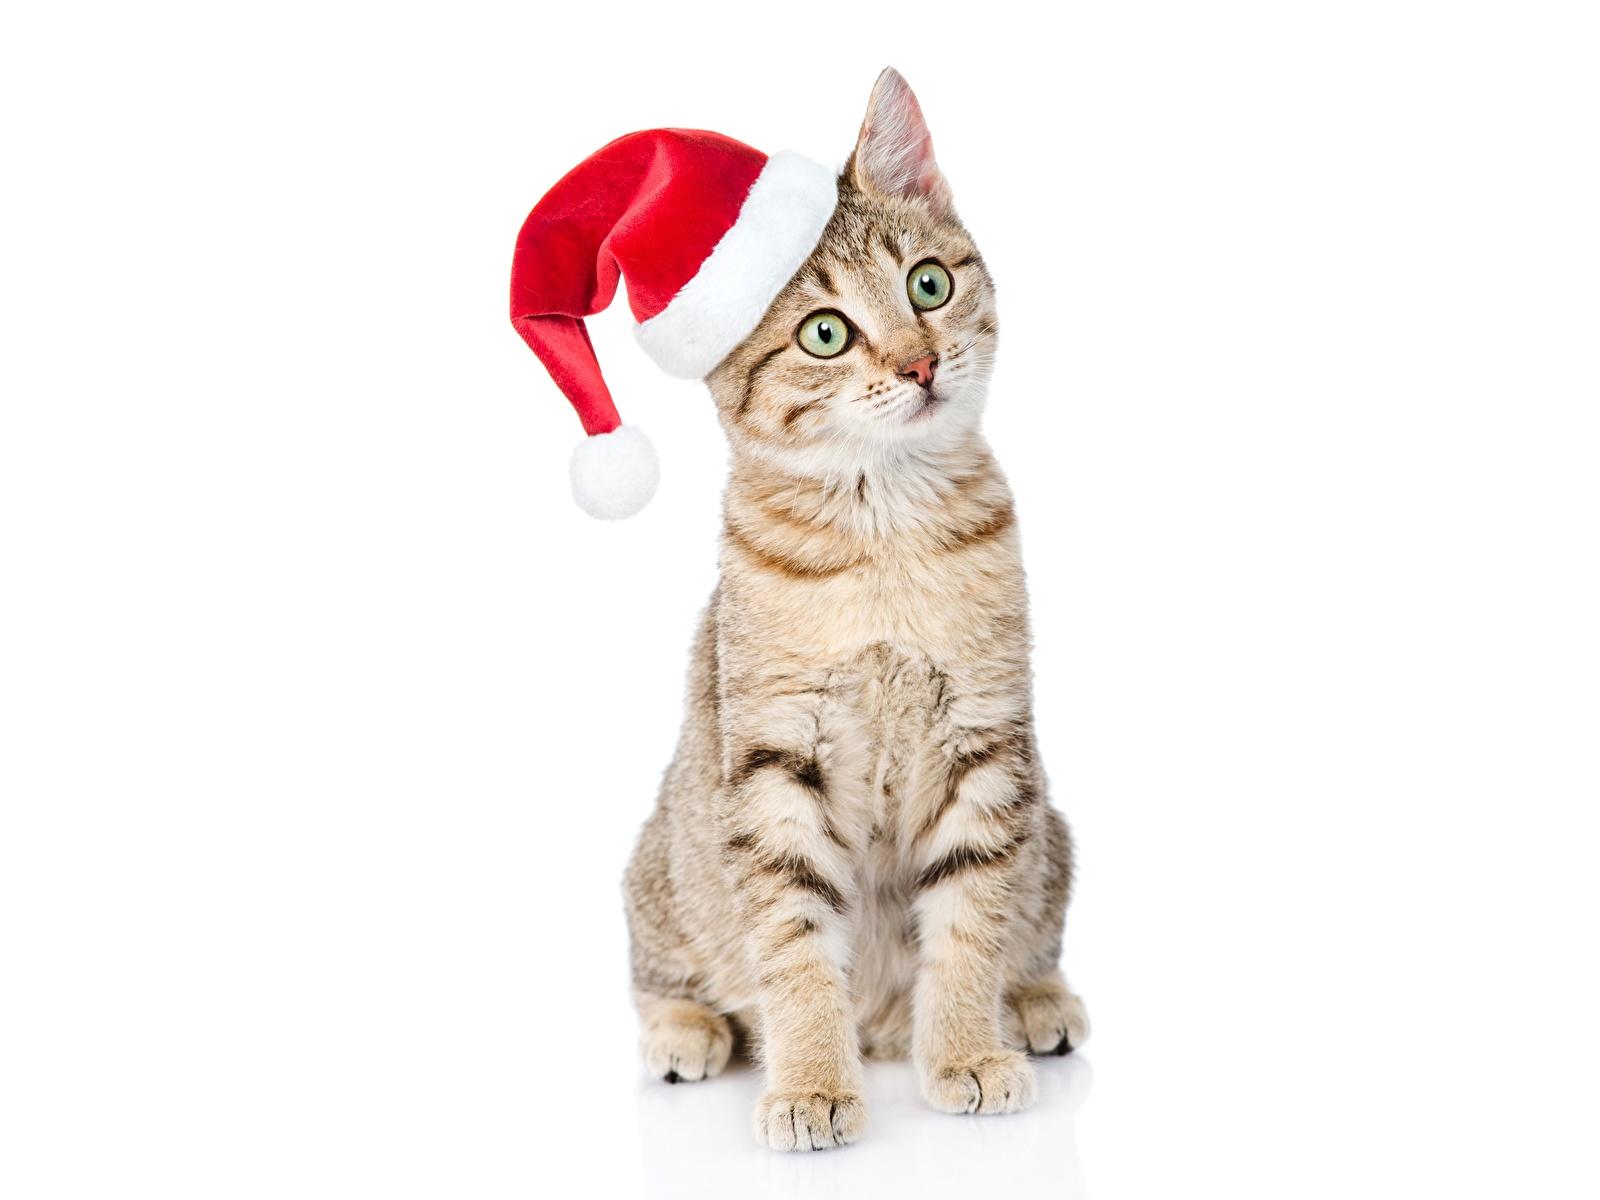 Фото Кошки Новый год в шапке Сидит смотрит животное белым фоном 1600x1200 кот коты кошка Рождество Шапки шапка сидя сидящие Взгляд смотрят Животные Белый фон белом фоне